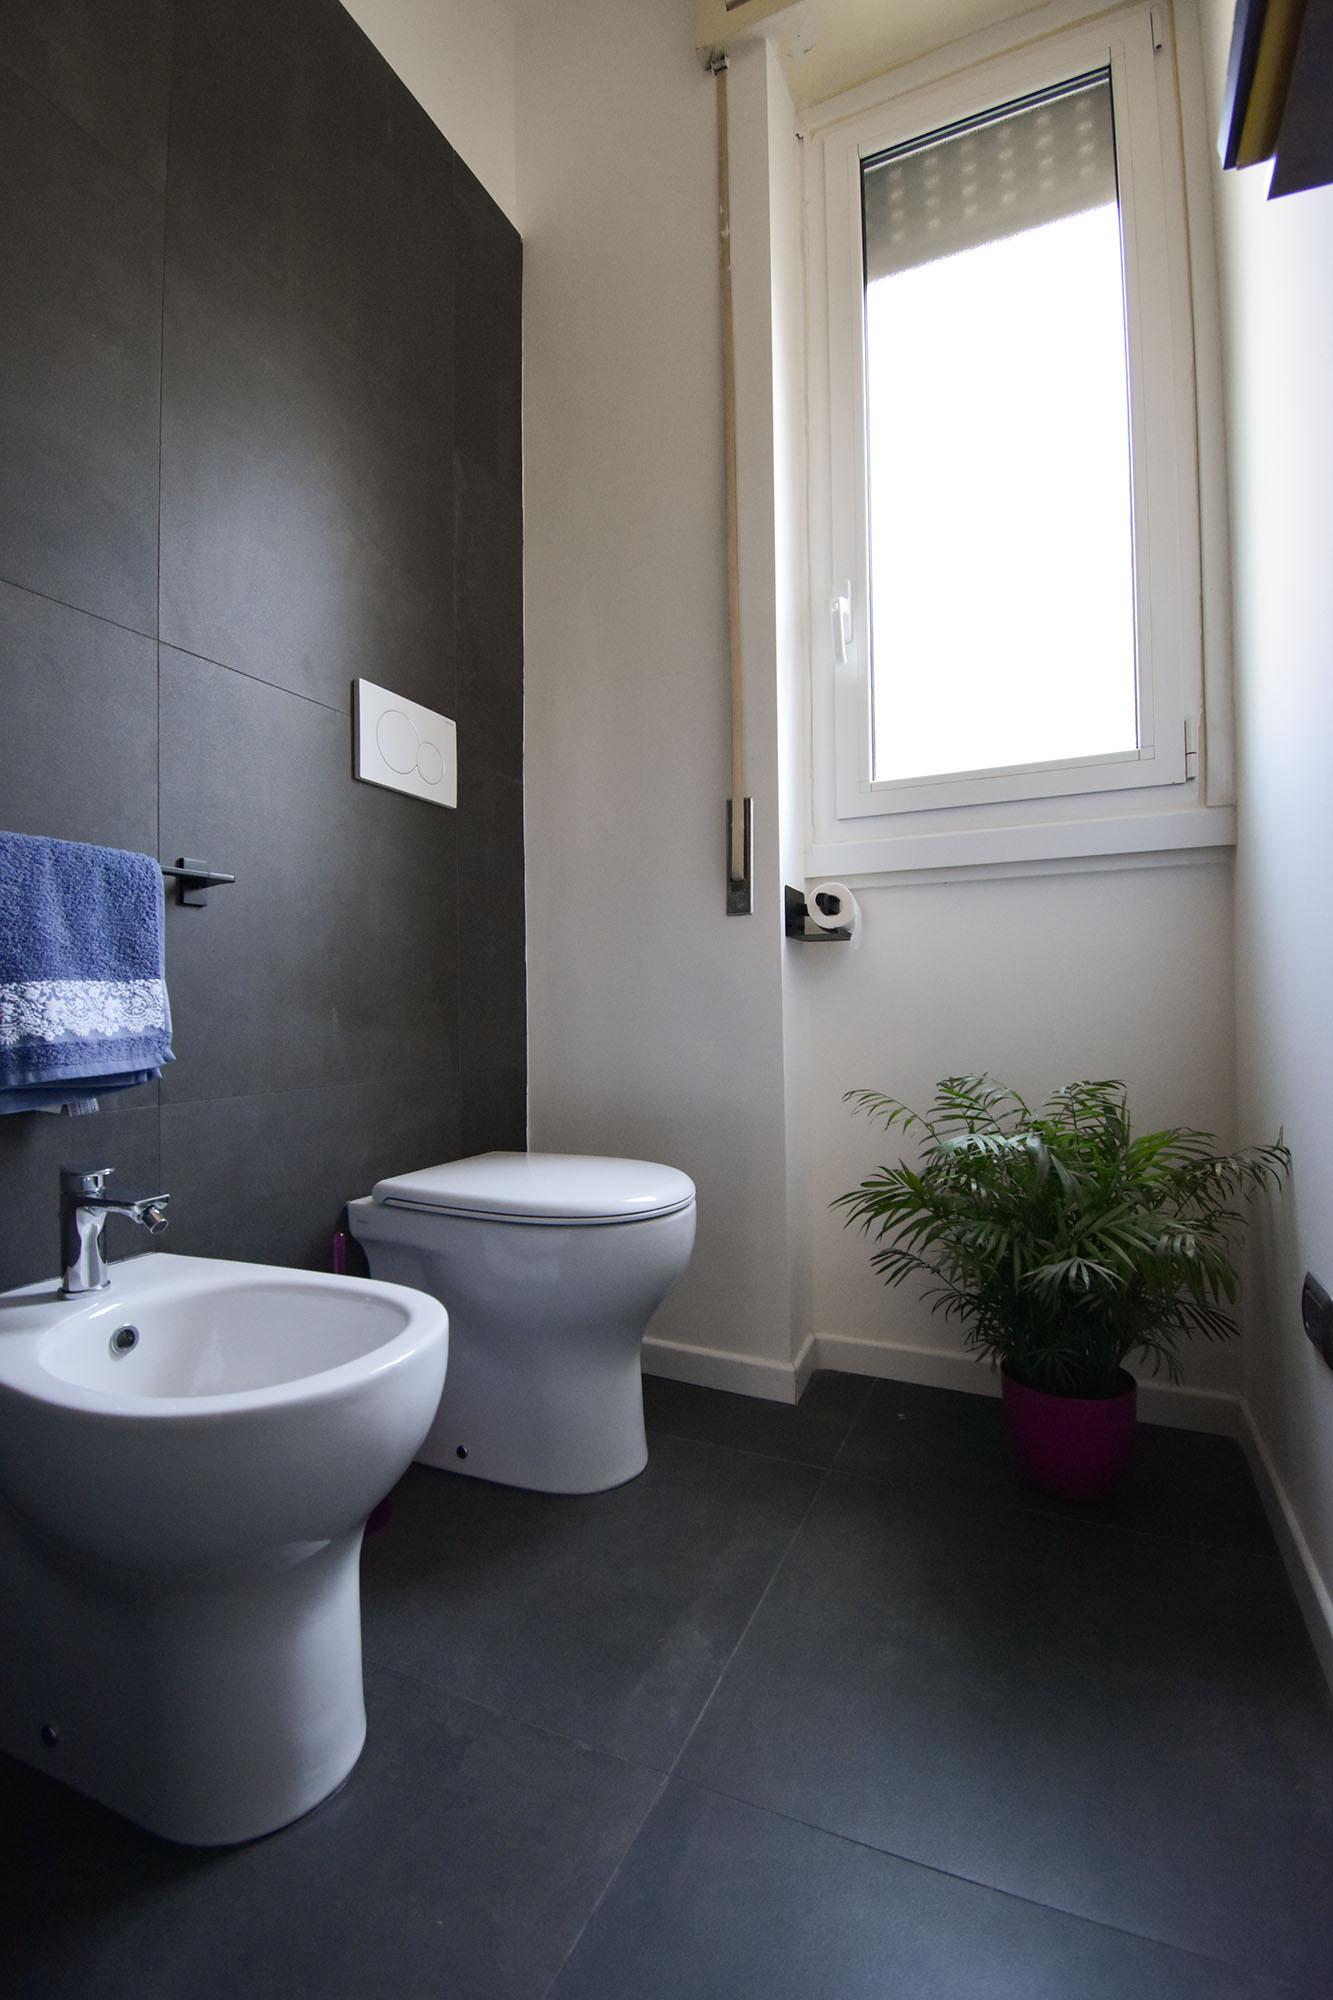 bagno design bianco e nero (7)